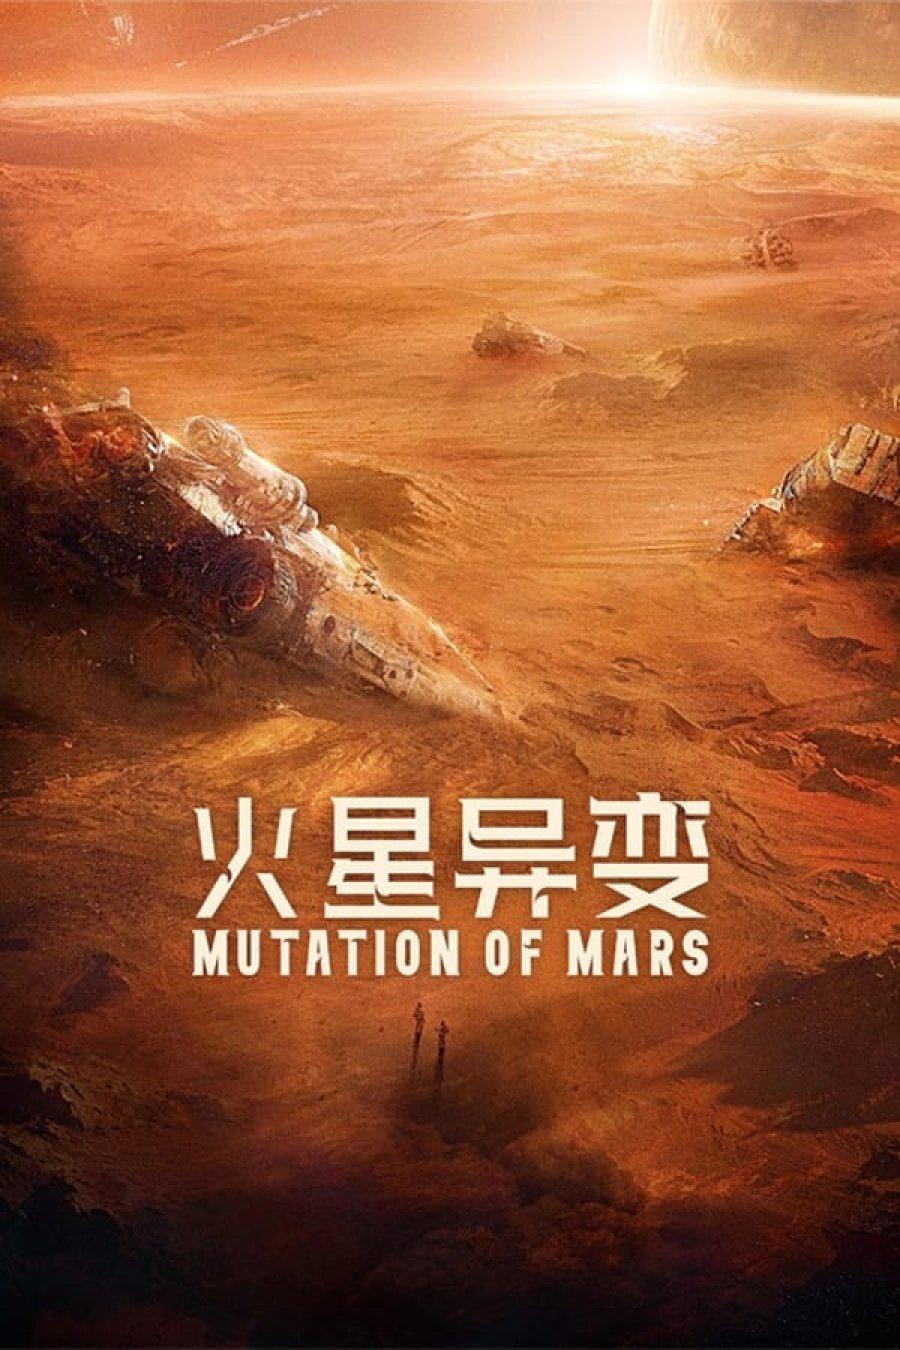 Mutation on Mars | 火星异变